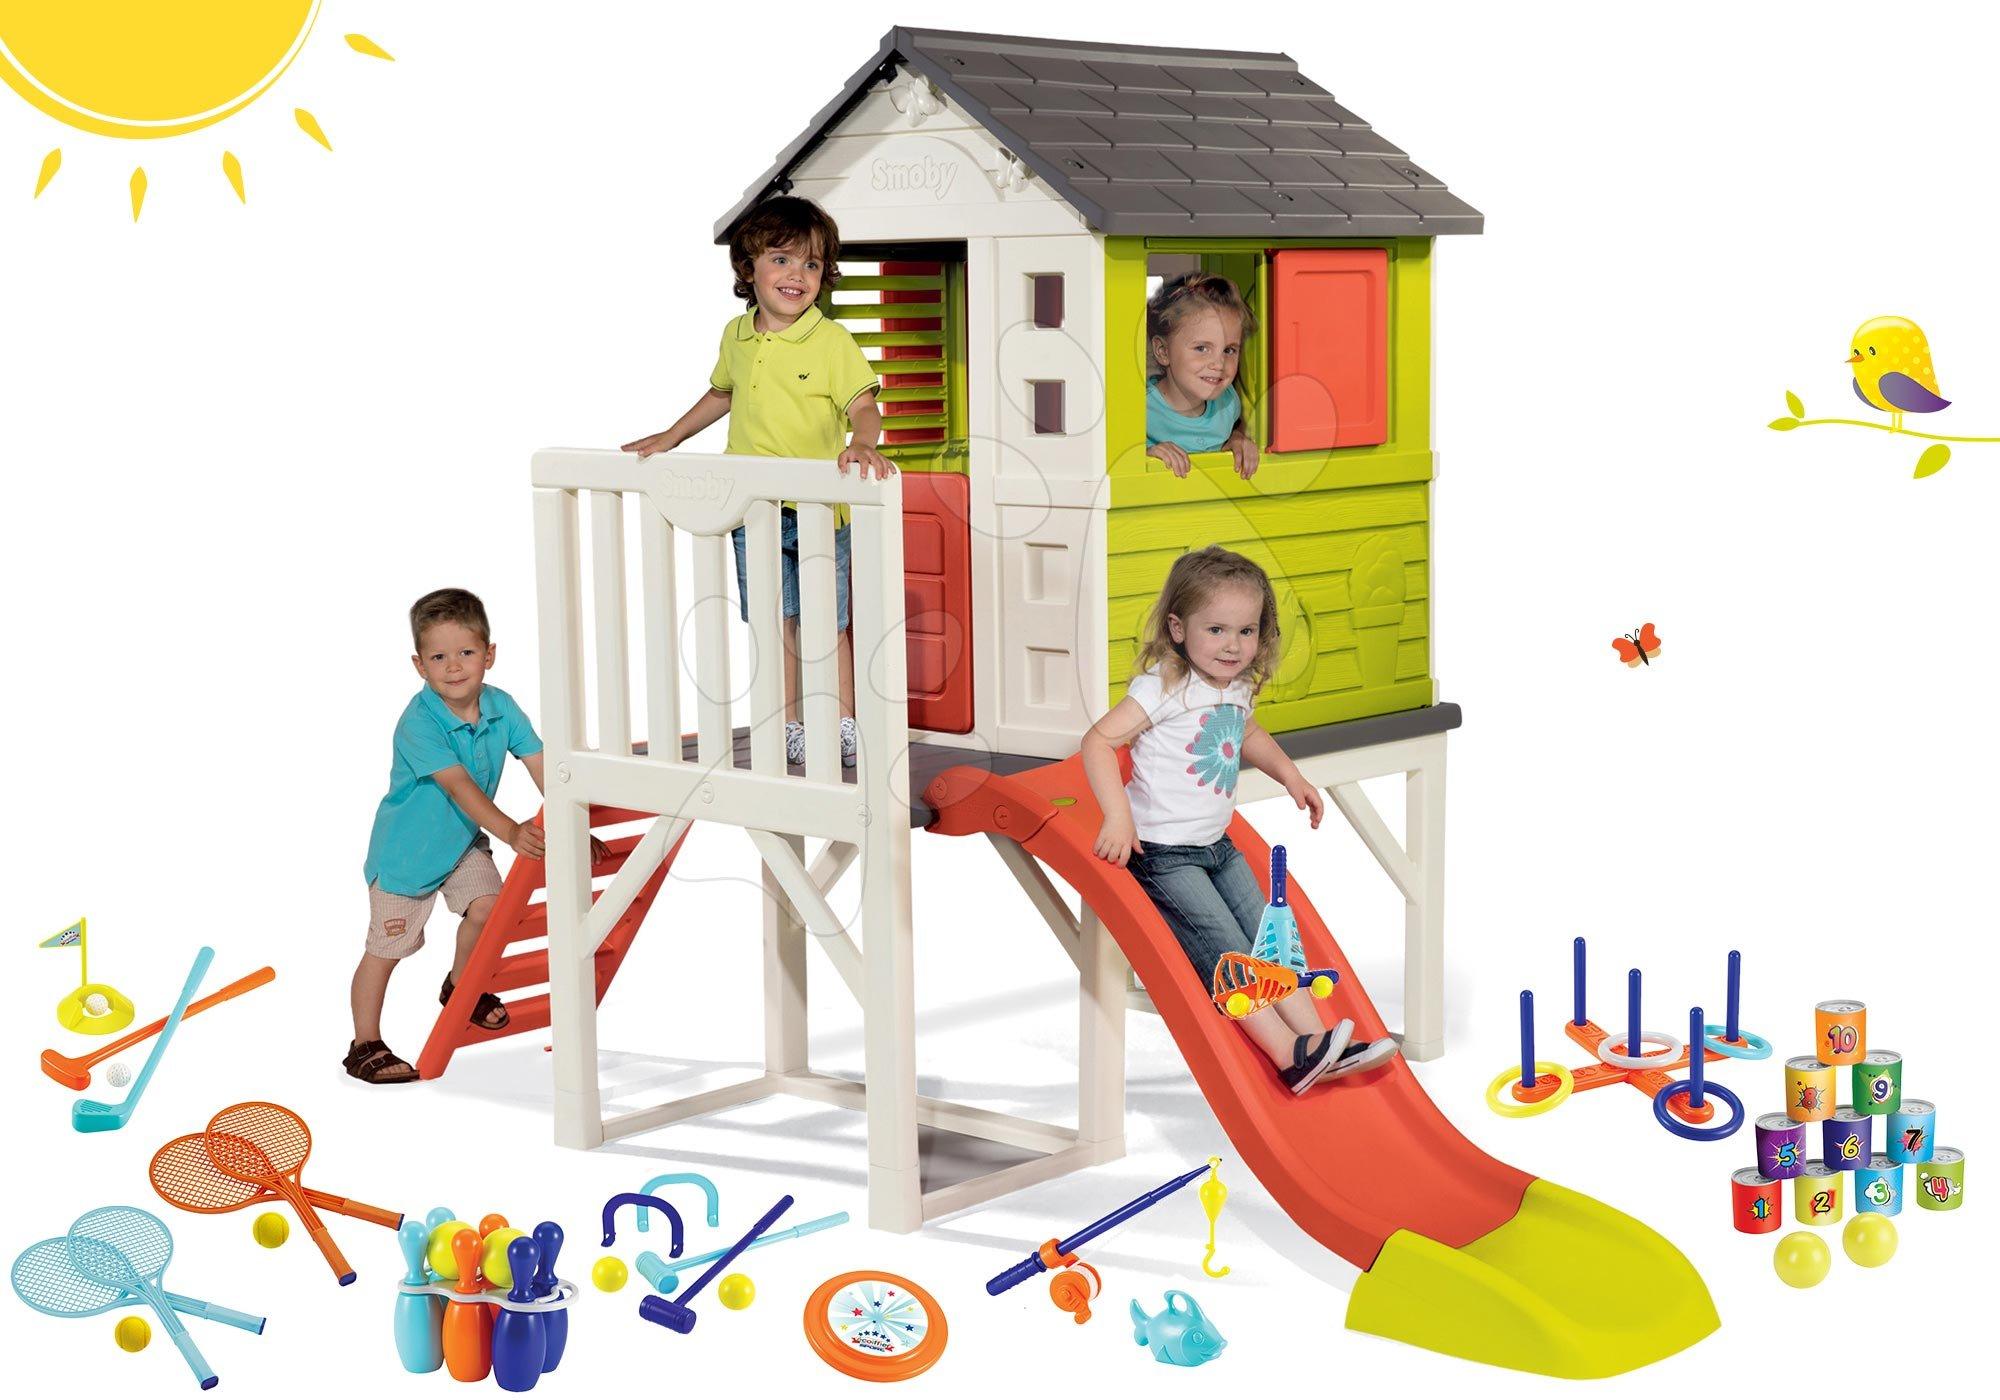 Smoby set dětský domeček na pilířích Pilings House s 1,5 m skluzavkou a sportovní set s plechovkovou pyramidou a kuželky 810800-16